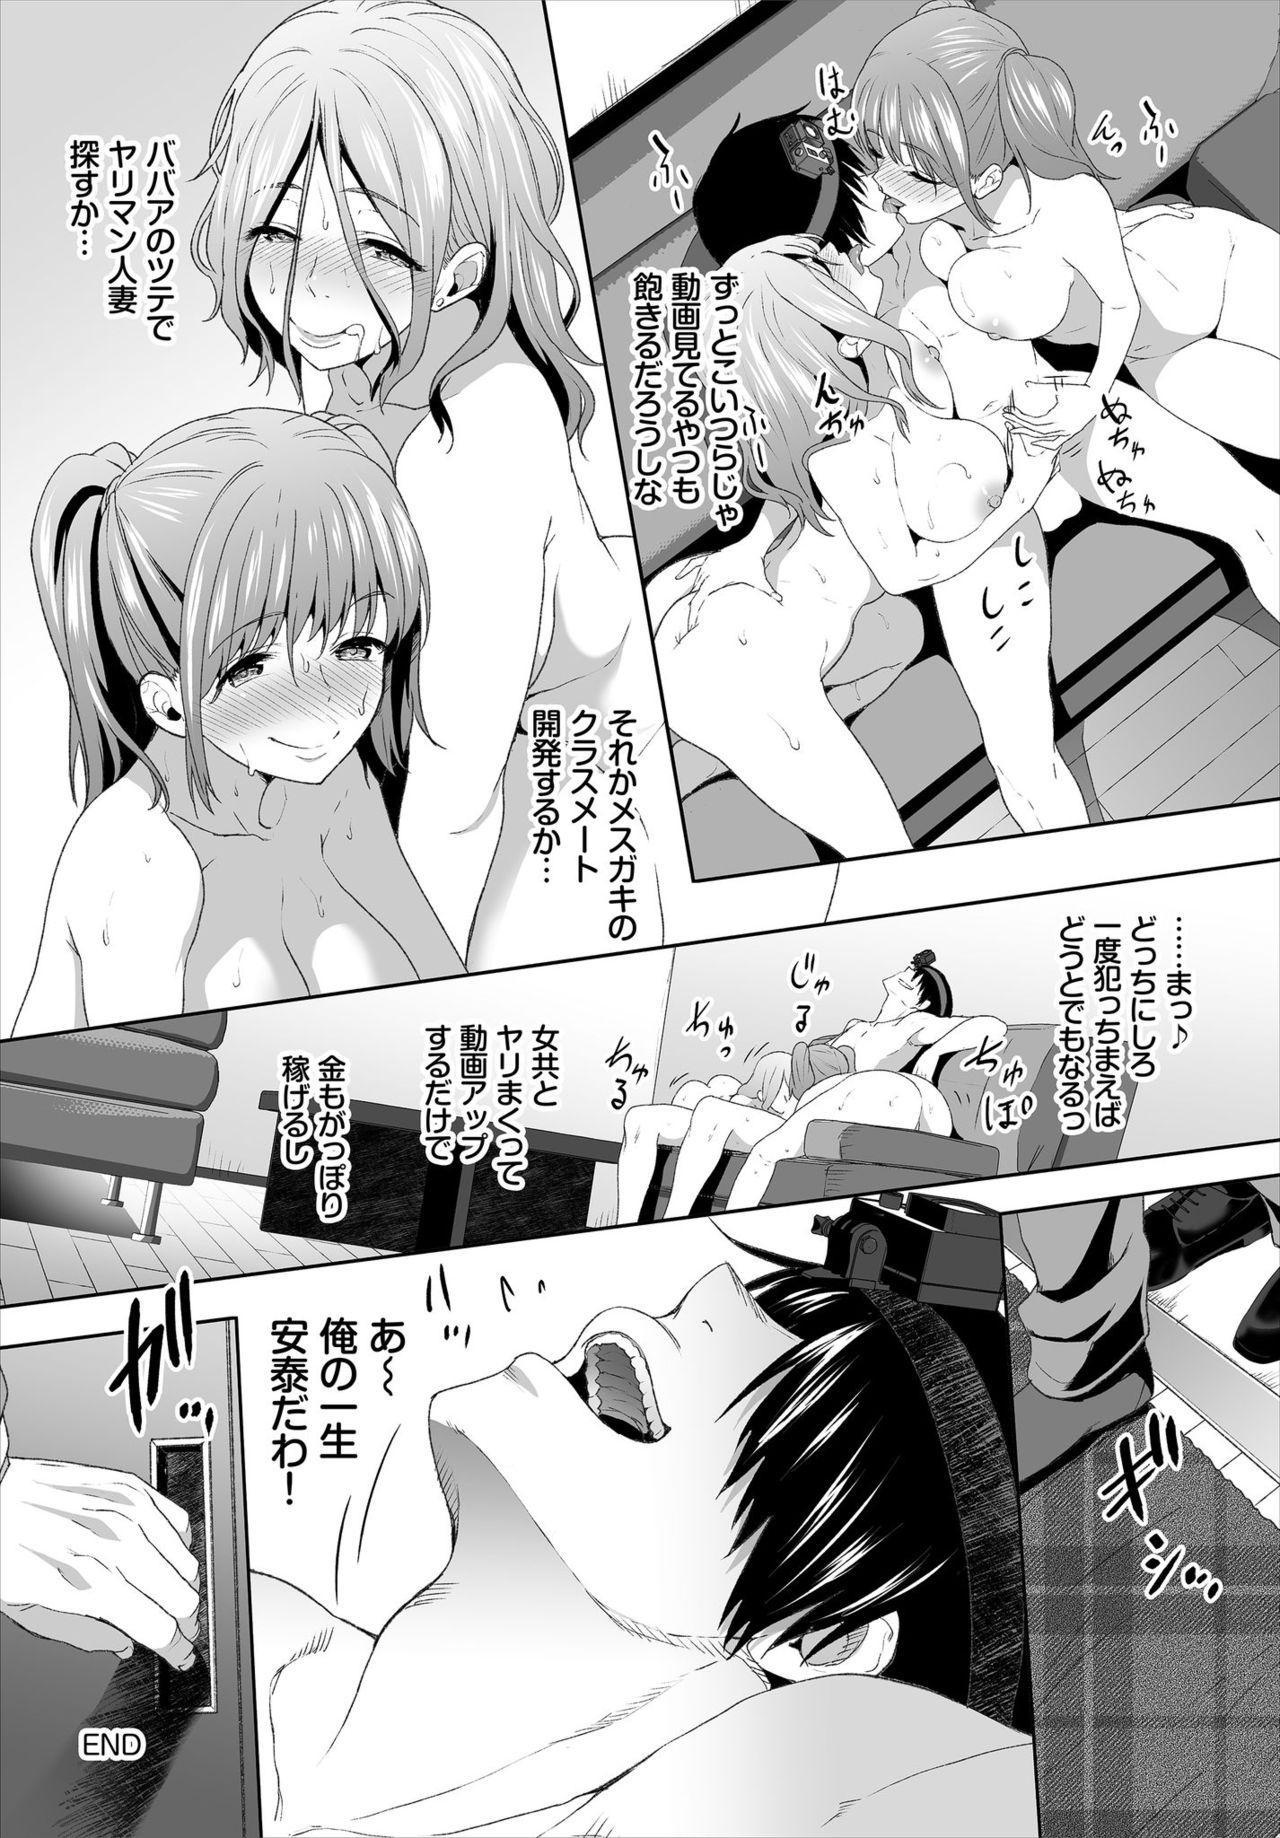 Zessan Haishinchuu Gibo Nikubenki Keikaku! Ch. 6-9 91